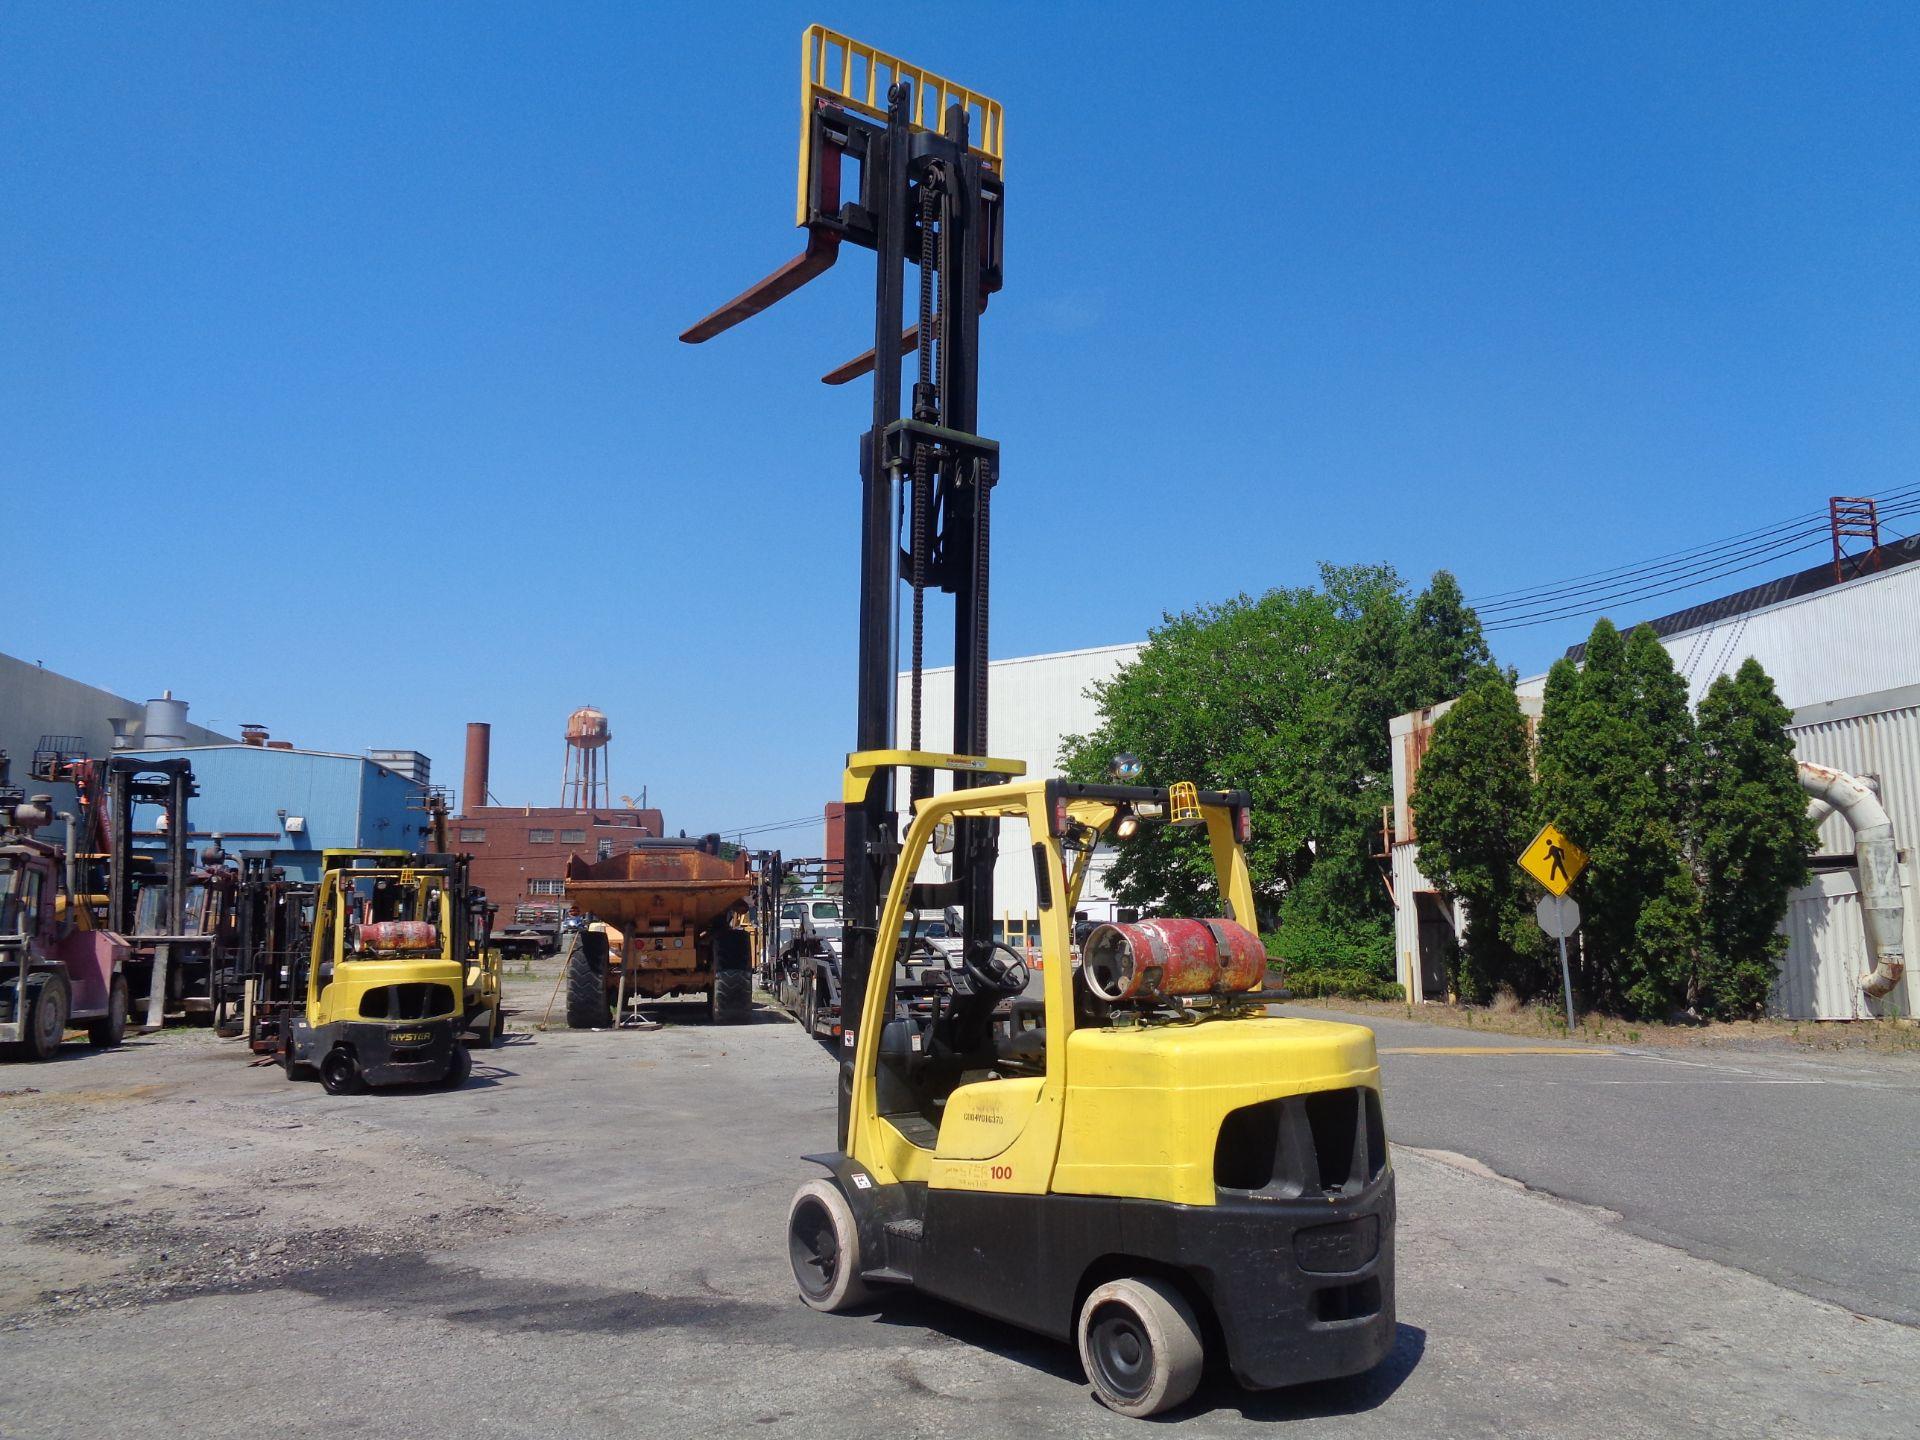 Hyster S100FT 10,000lb Forklift - Image 14 of 17